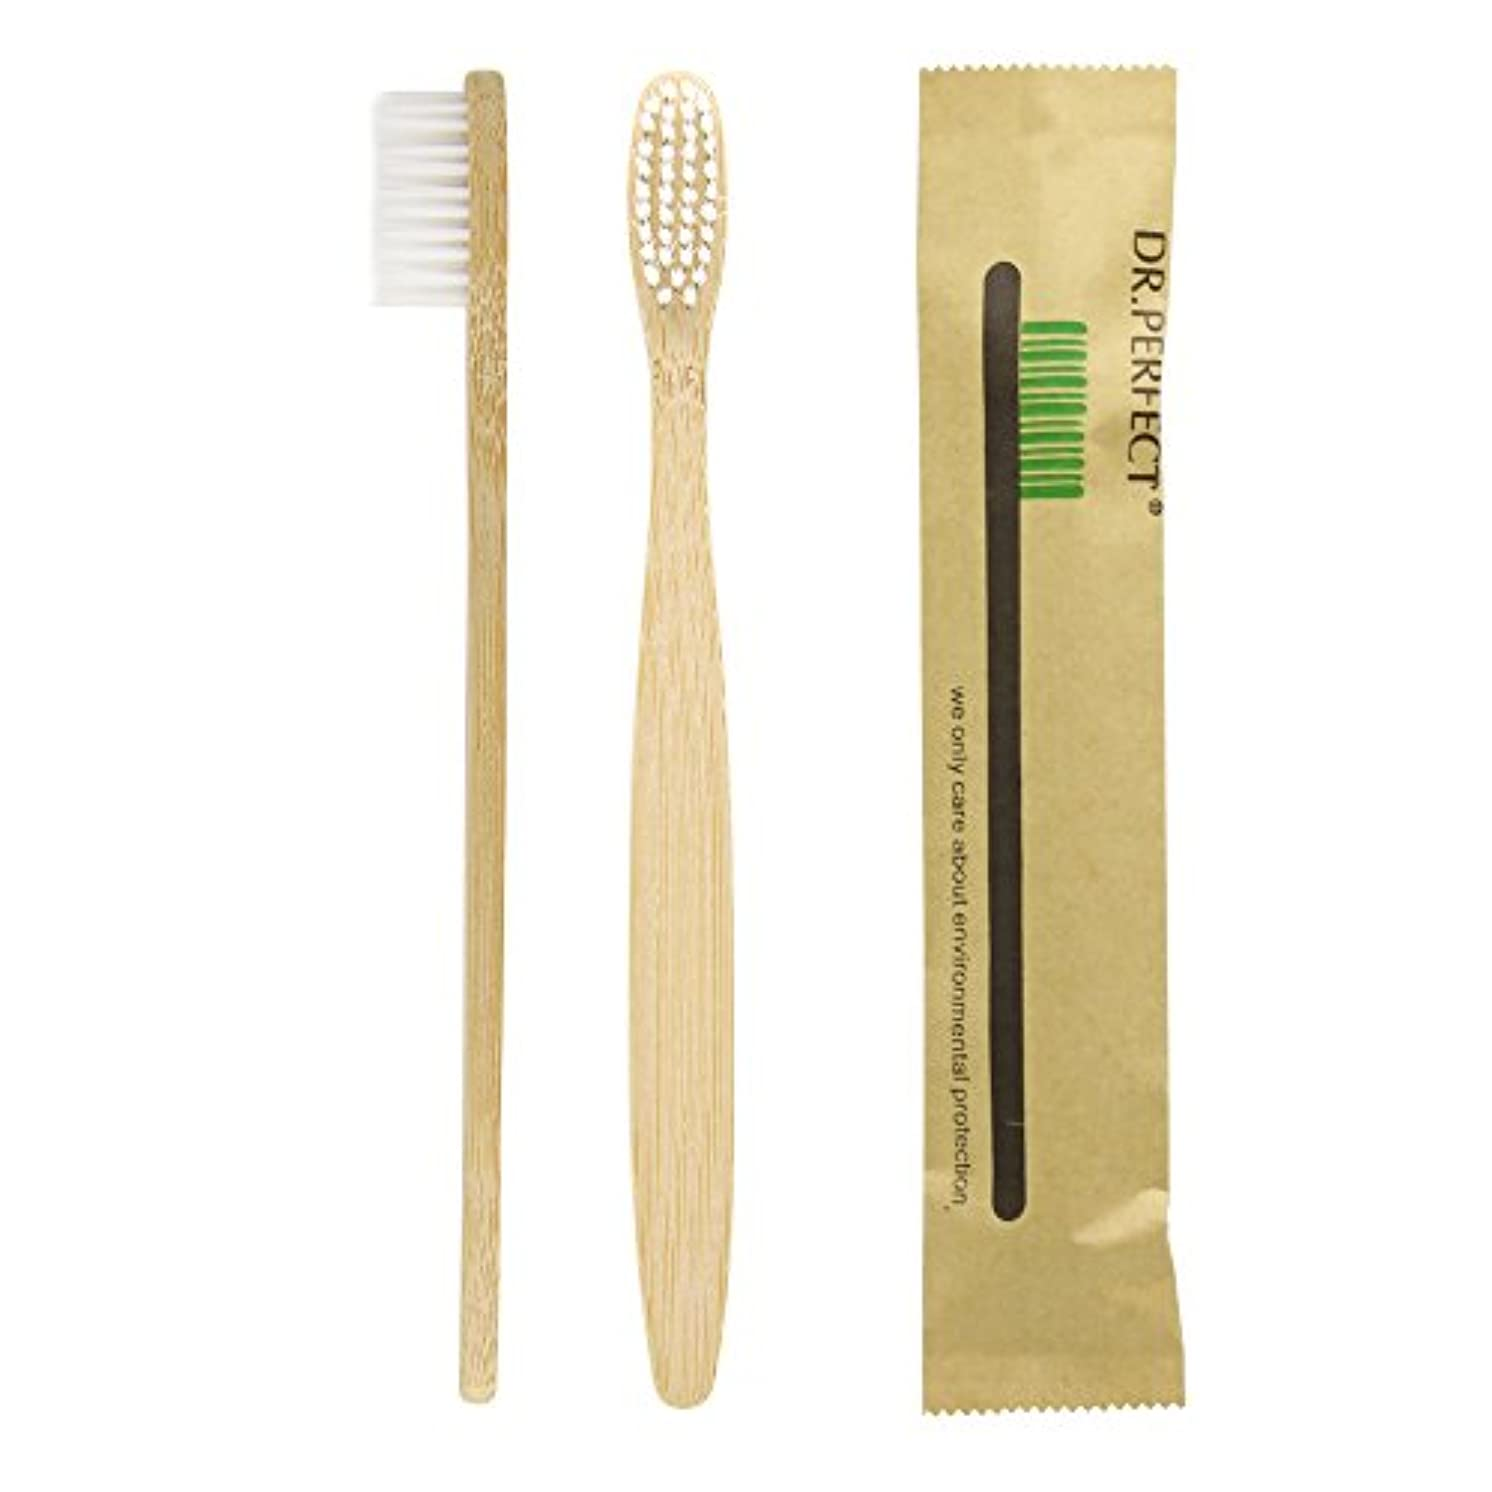 メアリアンジョーンズただやるディスコDr.Perfect 歯ブラシ竹歯ブラシアダルト竹の歯ブラシ ナイロン毛 環境保護の歯ブラシ (ホワイト)